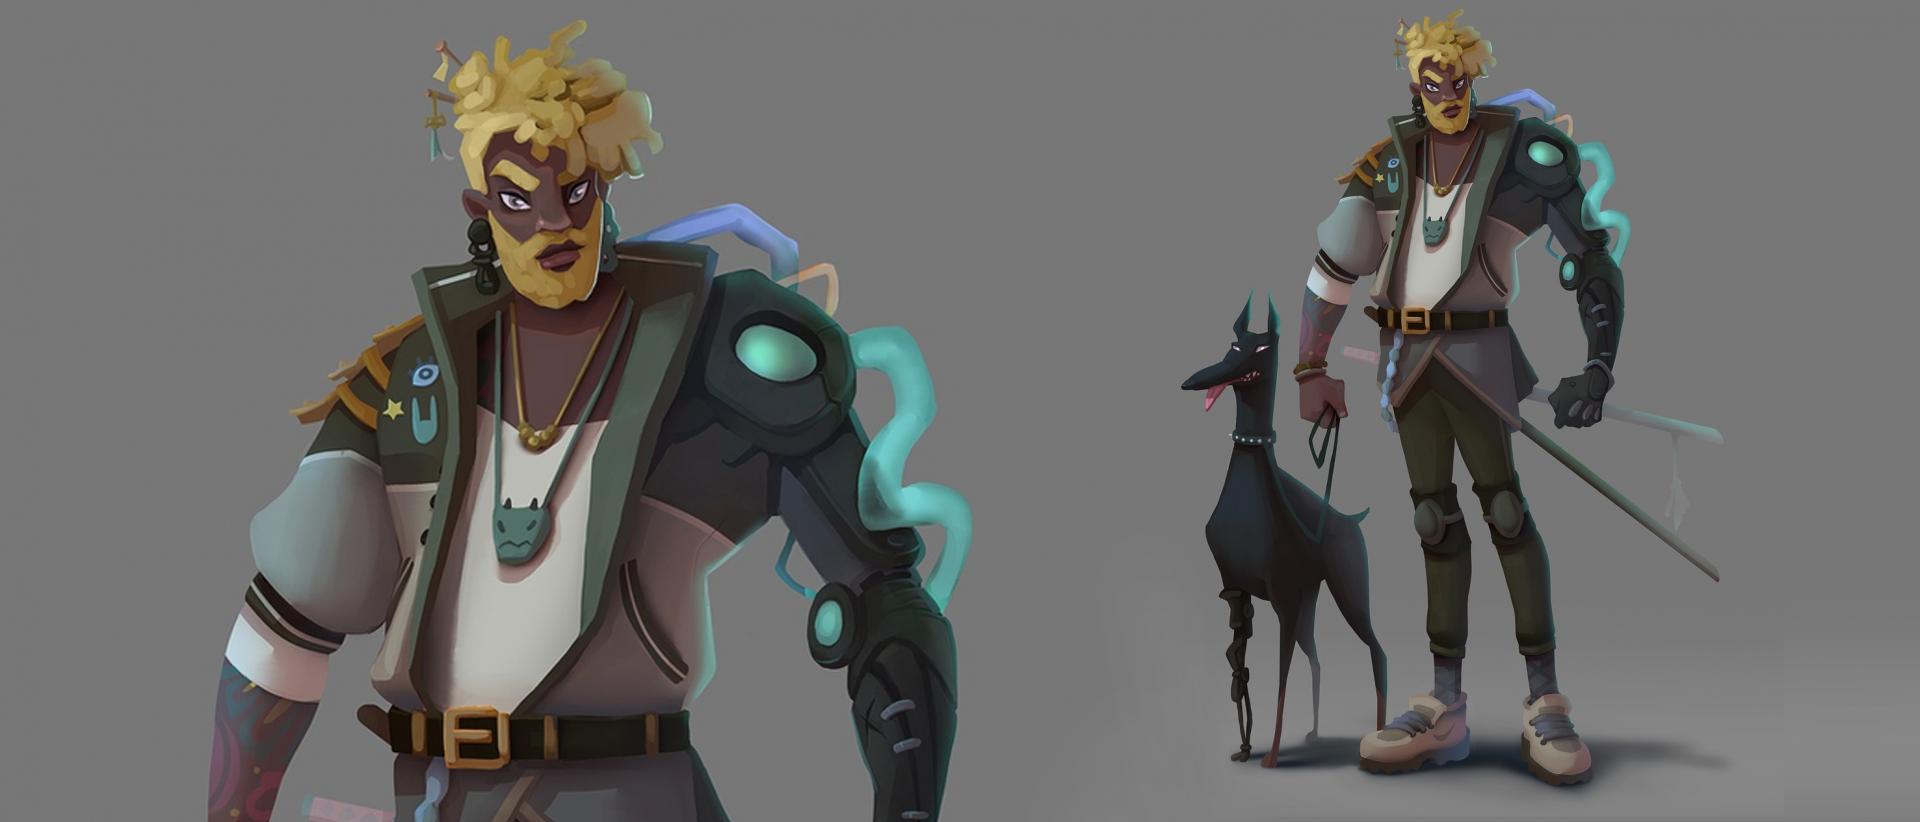 Работа студента интенсива концепт - арт персонажа